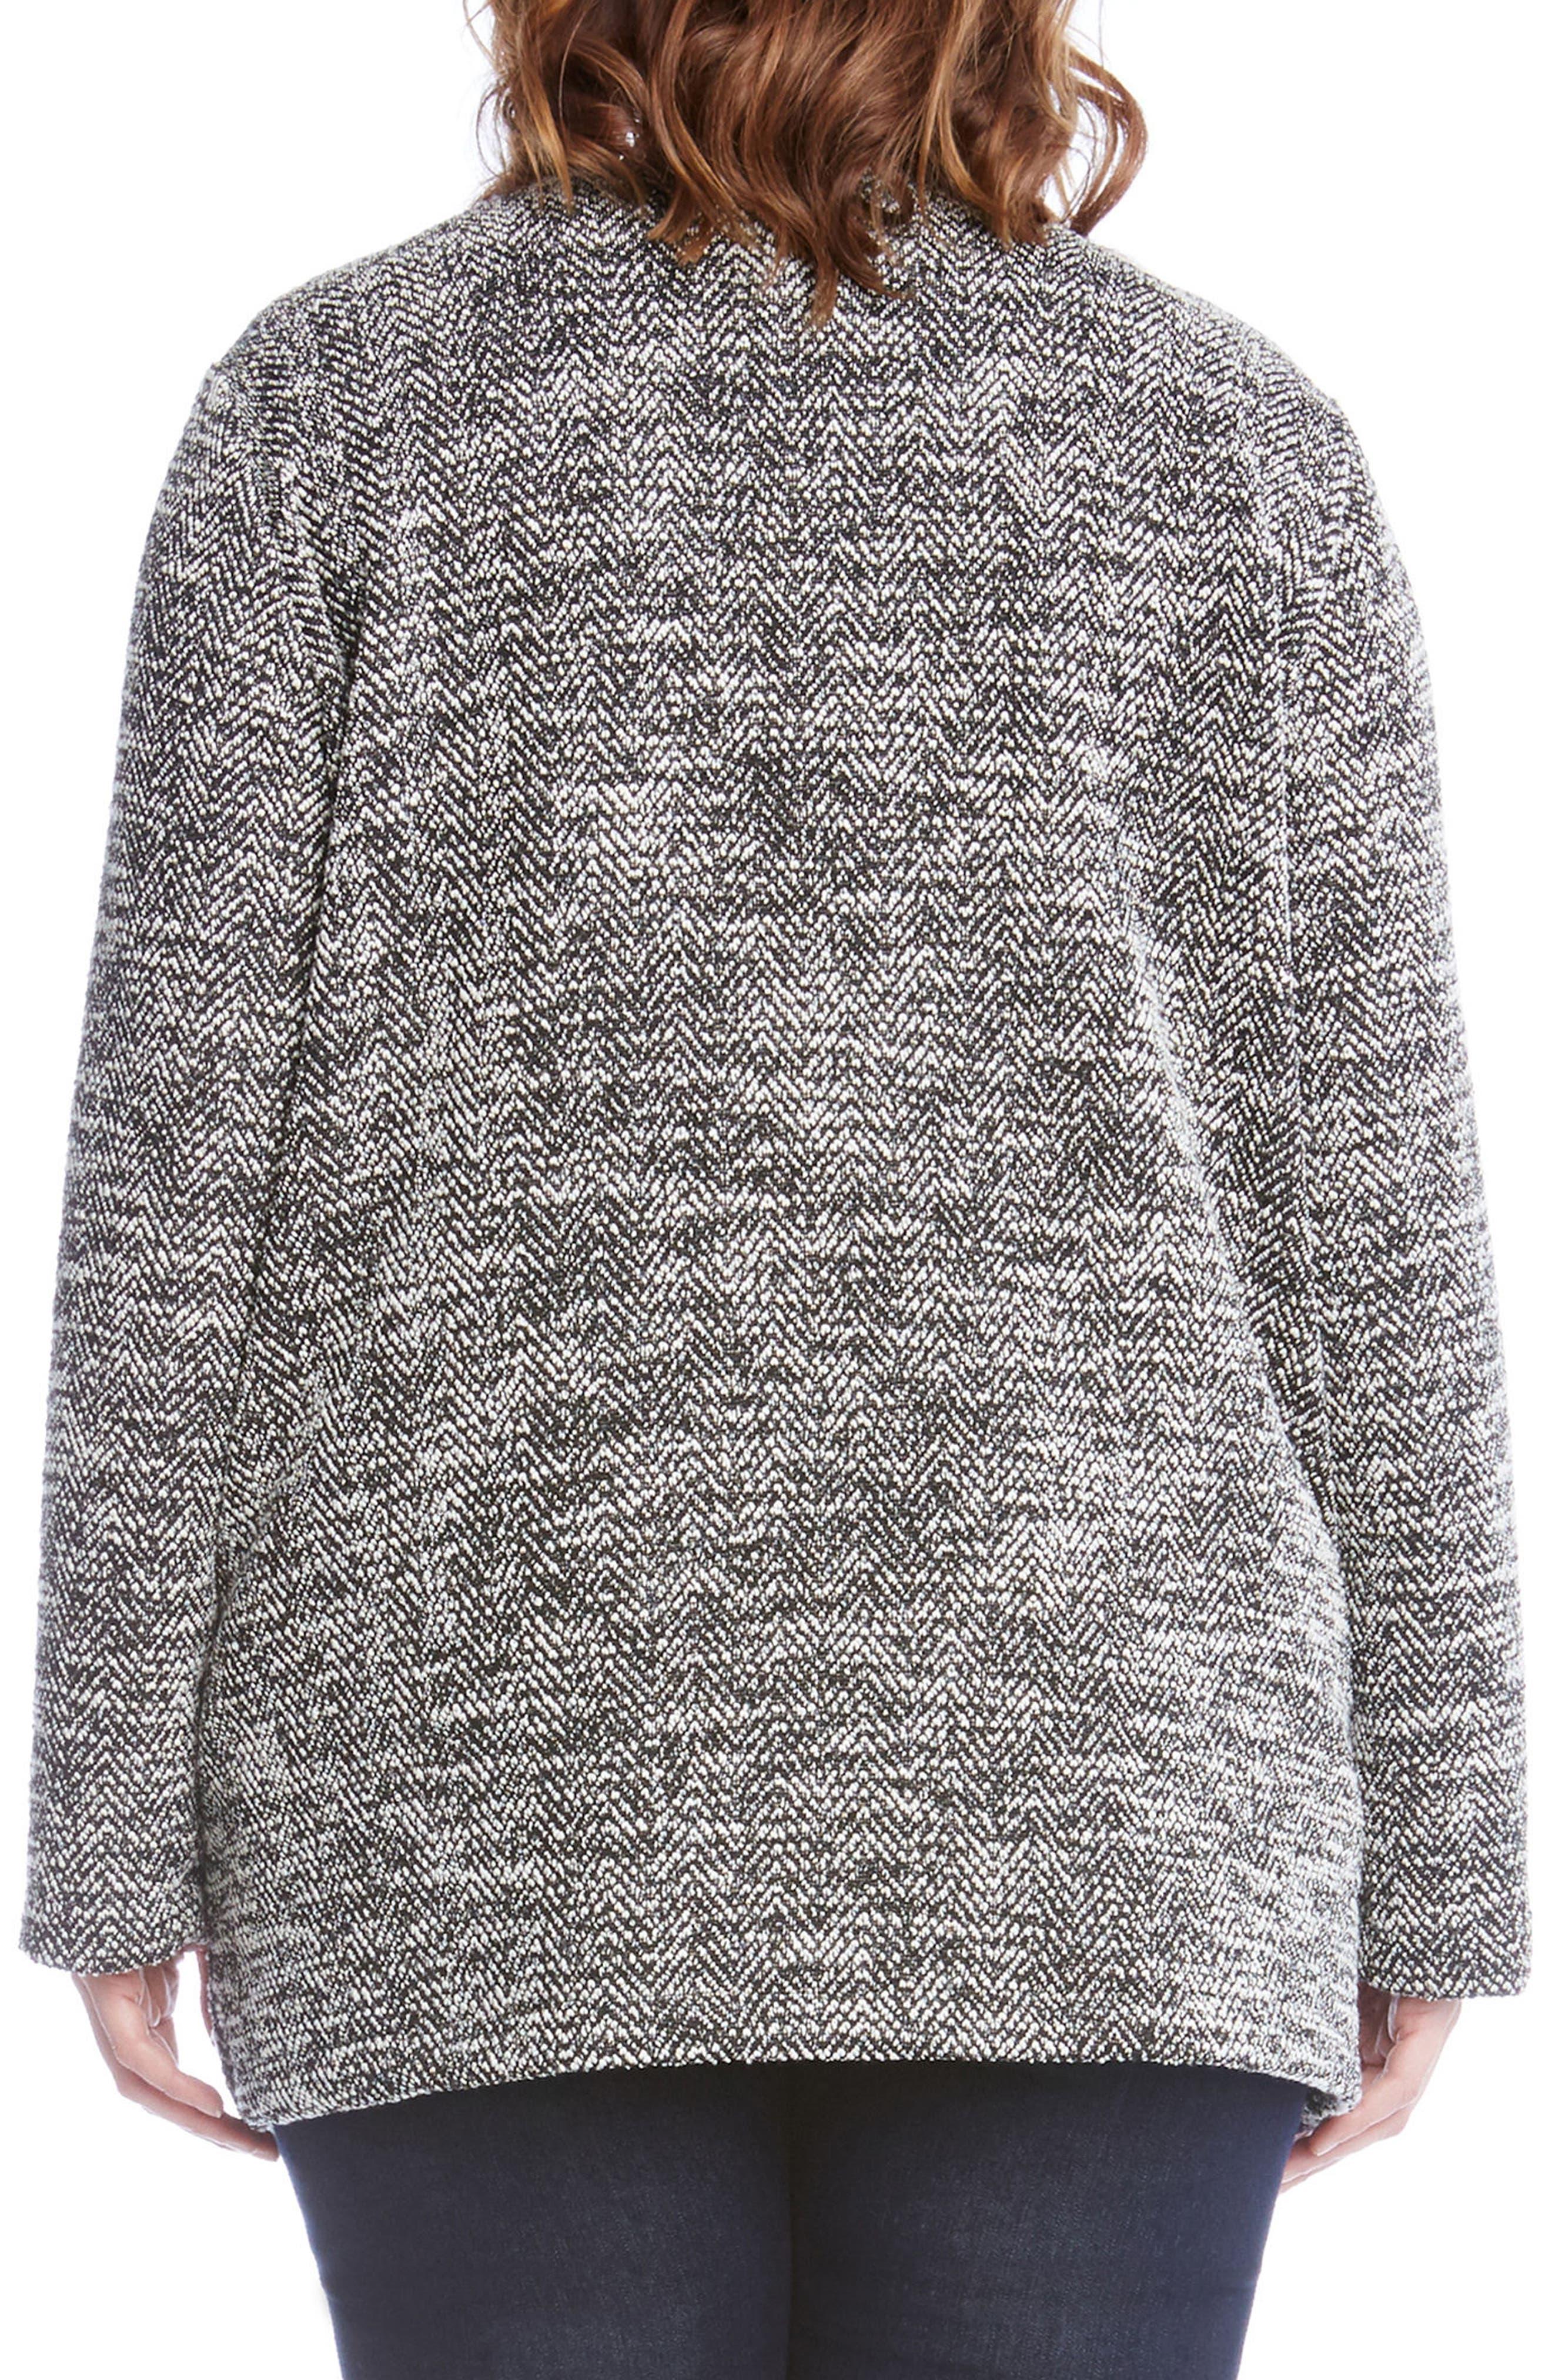 Alternate Image 3  - Karen Kane Lightweight Tweed Knit Jacket (Plus Size)